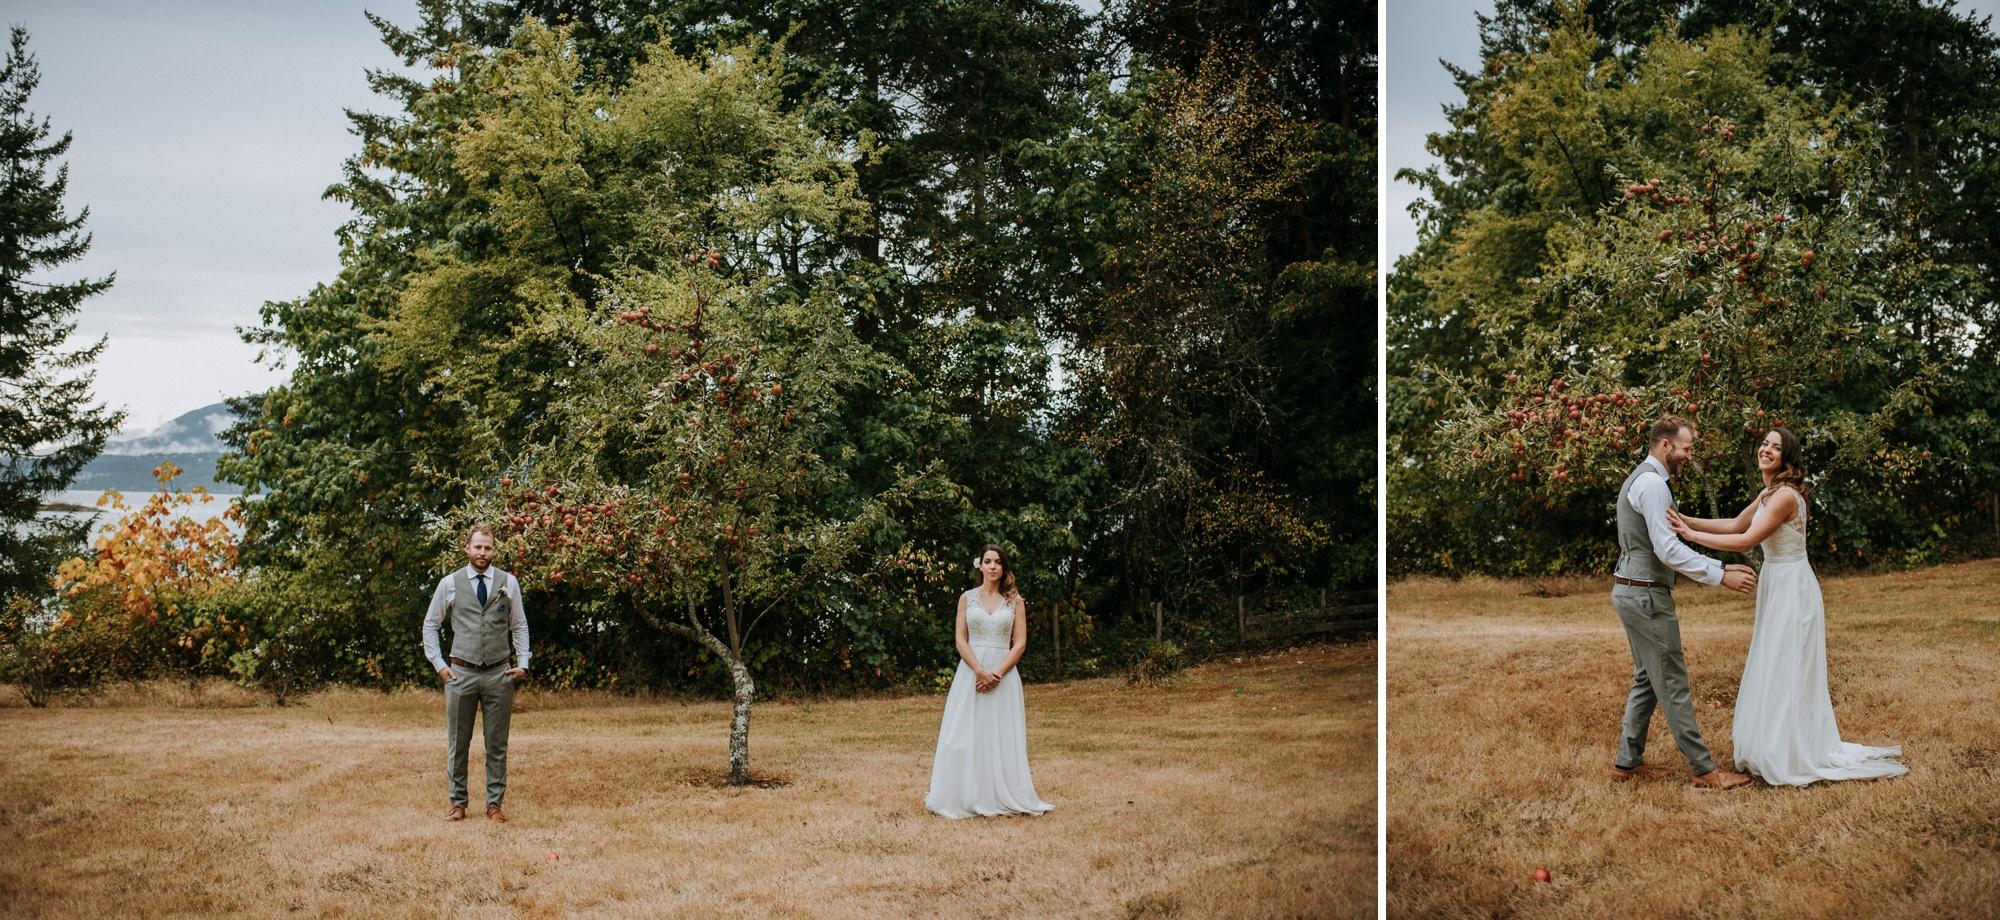 overbury-resort-thetis-island-wedding-jan-ian-2_0026.jpg